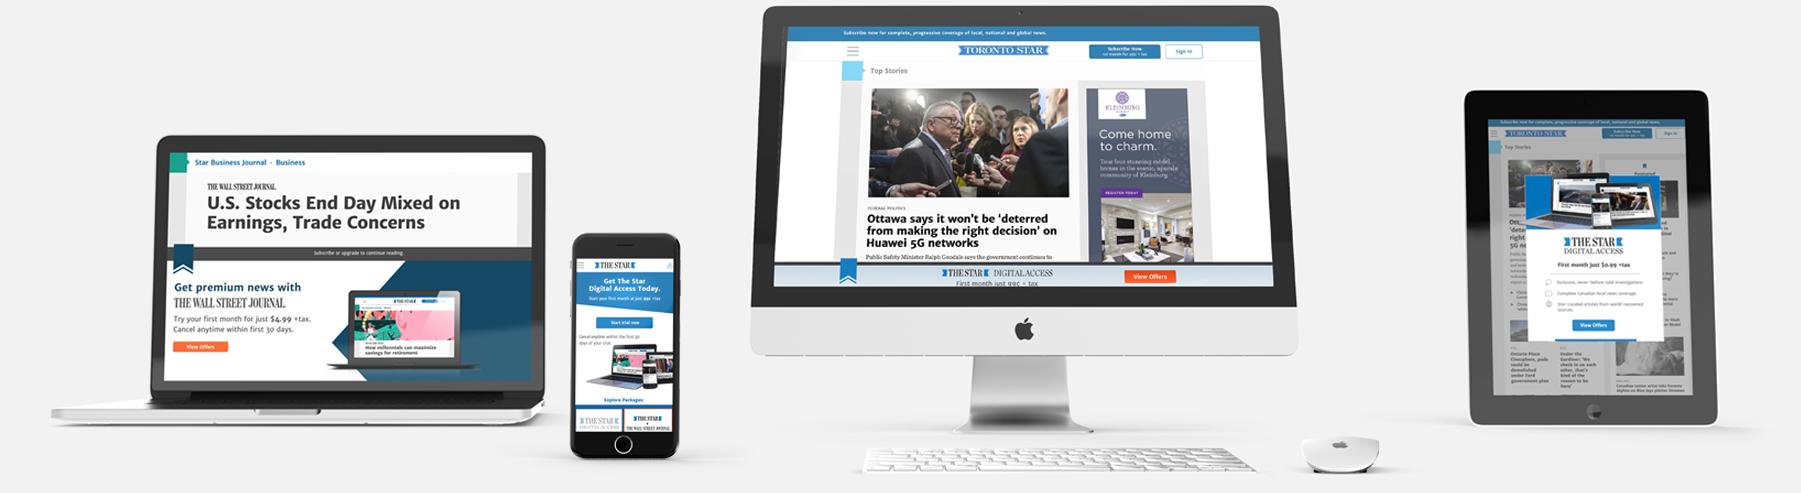 DesignAwards_img02_banner.jpg